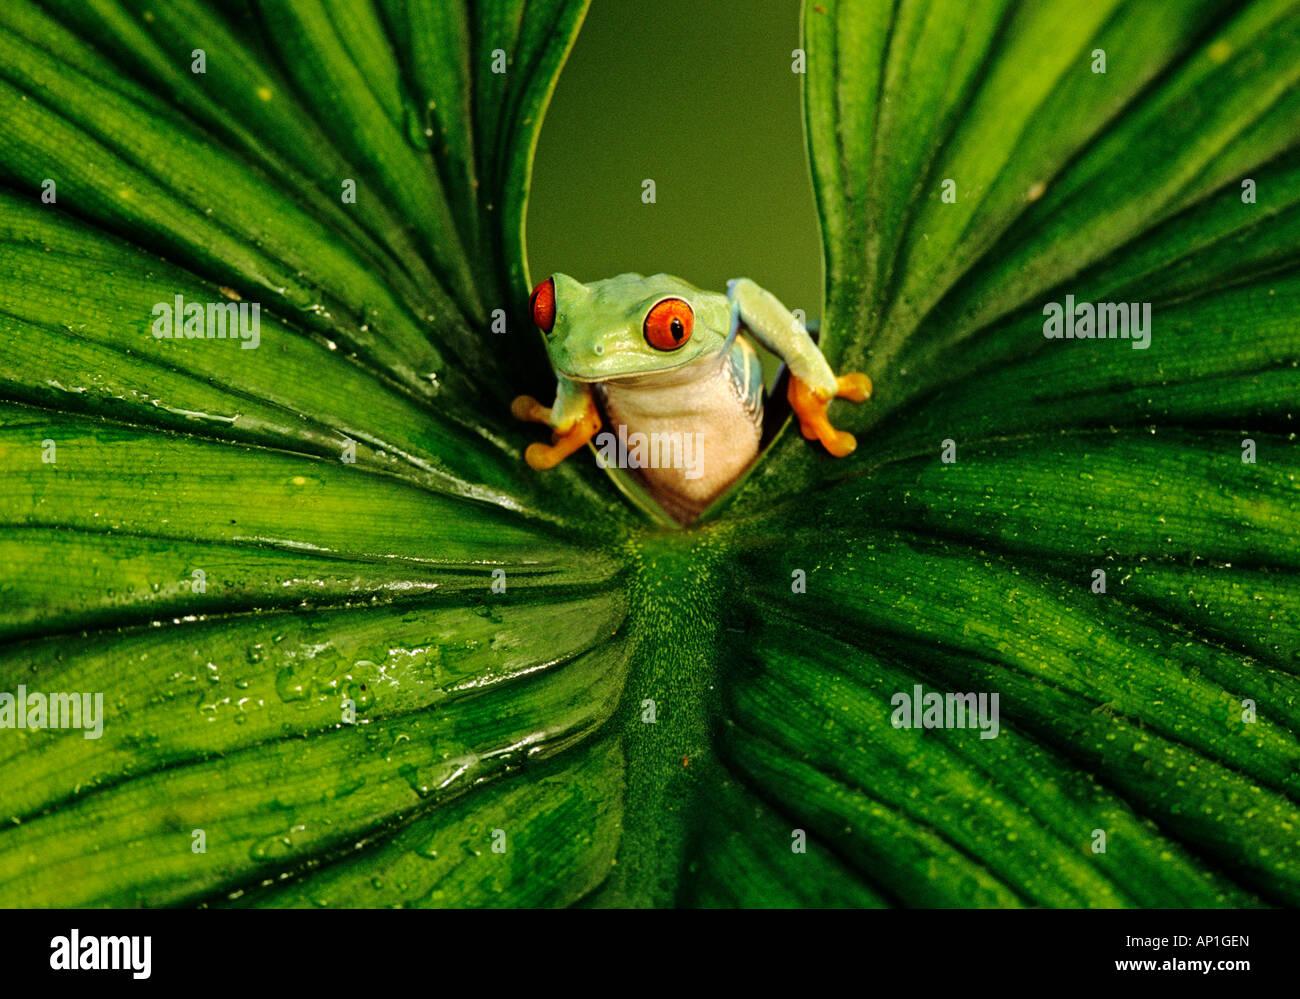 Red eyed Tree Frog mirando a través de los cautivos de hoja Imagen De Stock